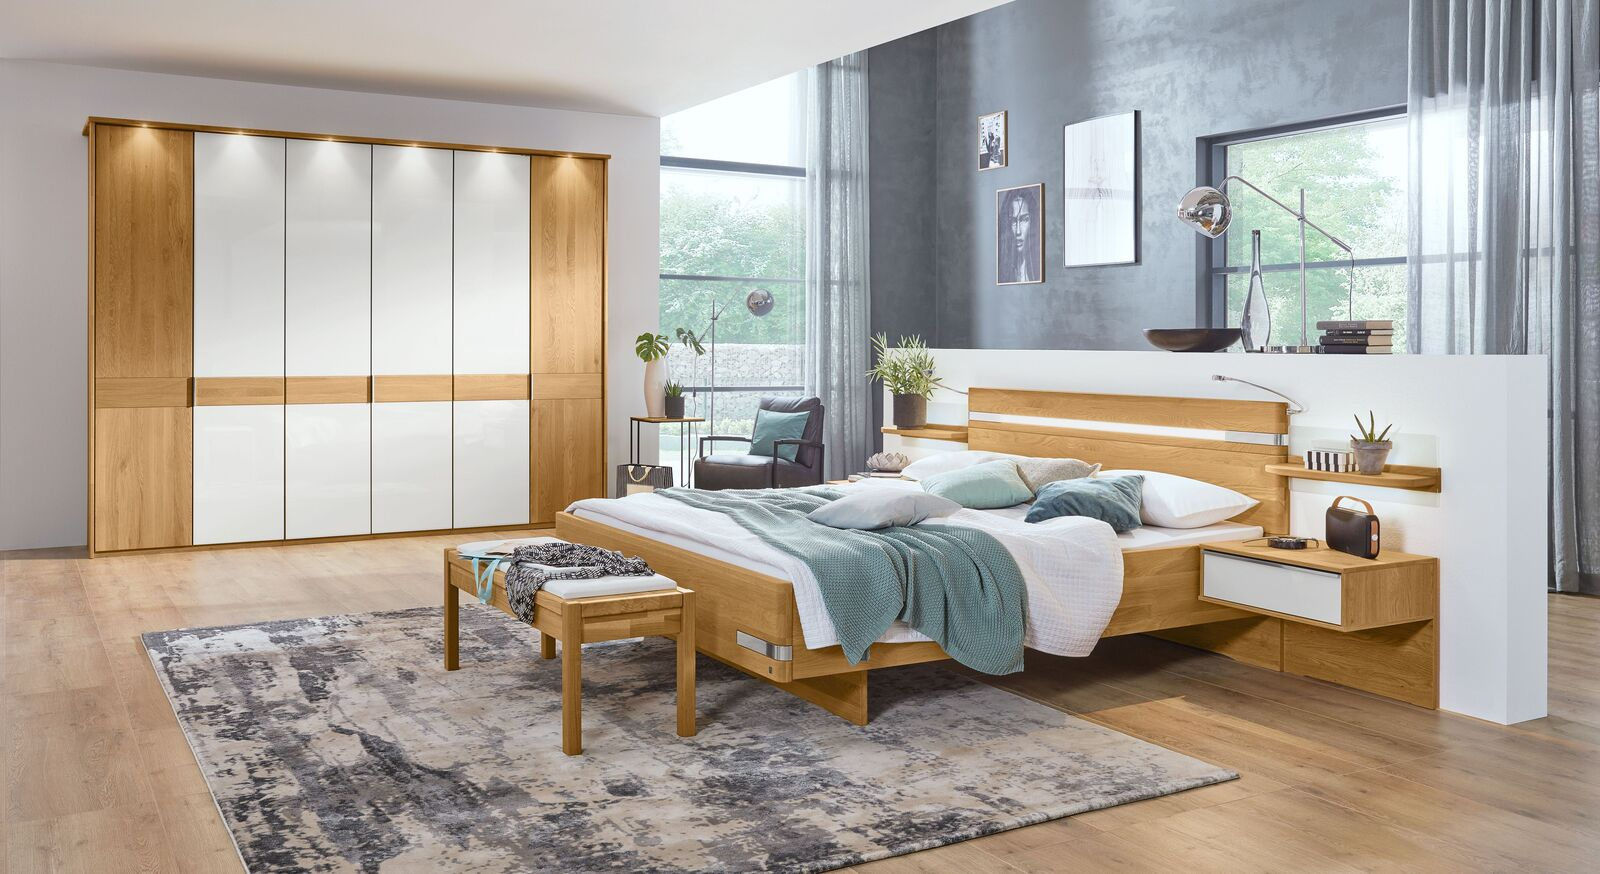 MUSTERRING Schlafzimmer Savona mit Drehtürenschrank und optionalem Zubehör